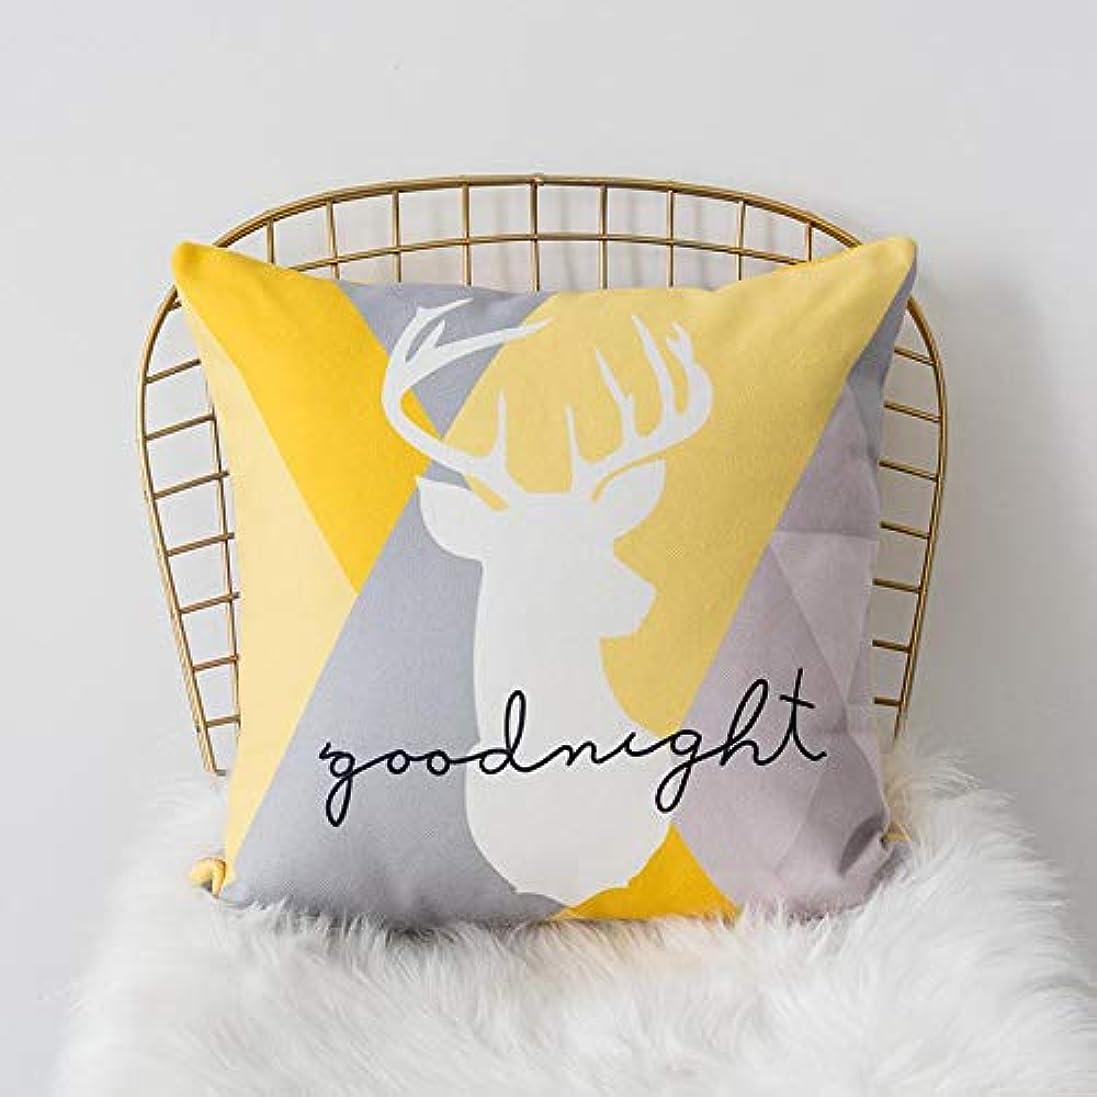 悲しみ踏み台クレーターLIFE 黄色グレー枕北欧スタイル黄色ヘラジカ幾何枕リビングルームのインテリアソファクッション Cojines 装飾良質 クッション 椅子